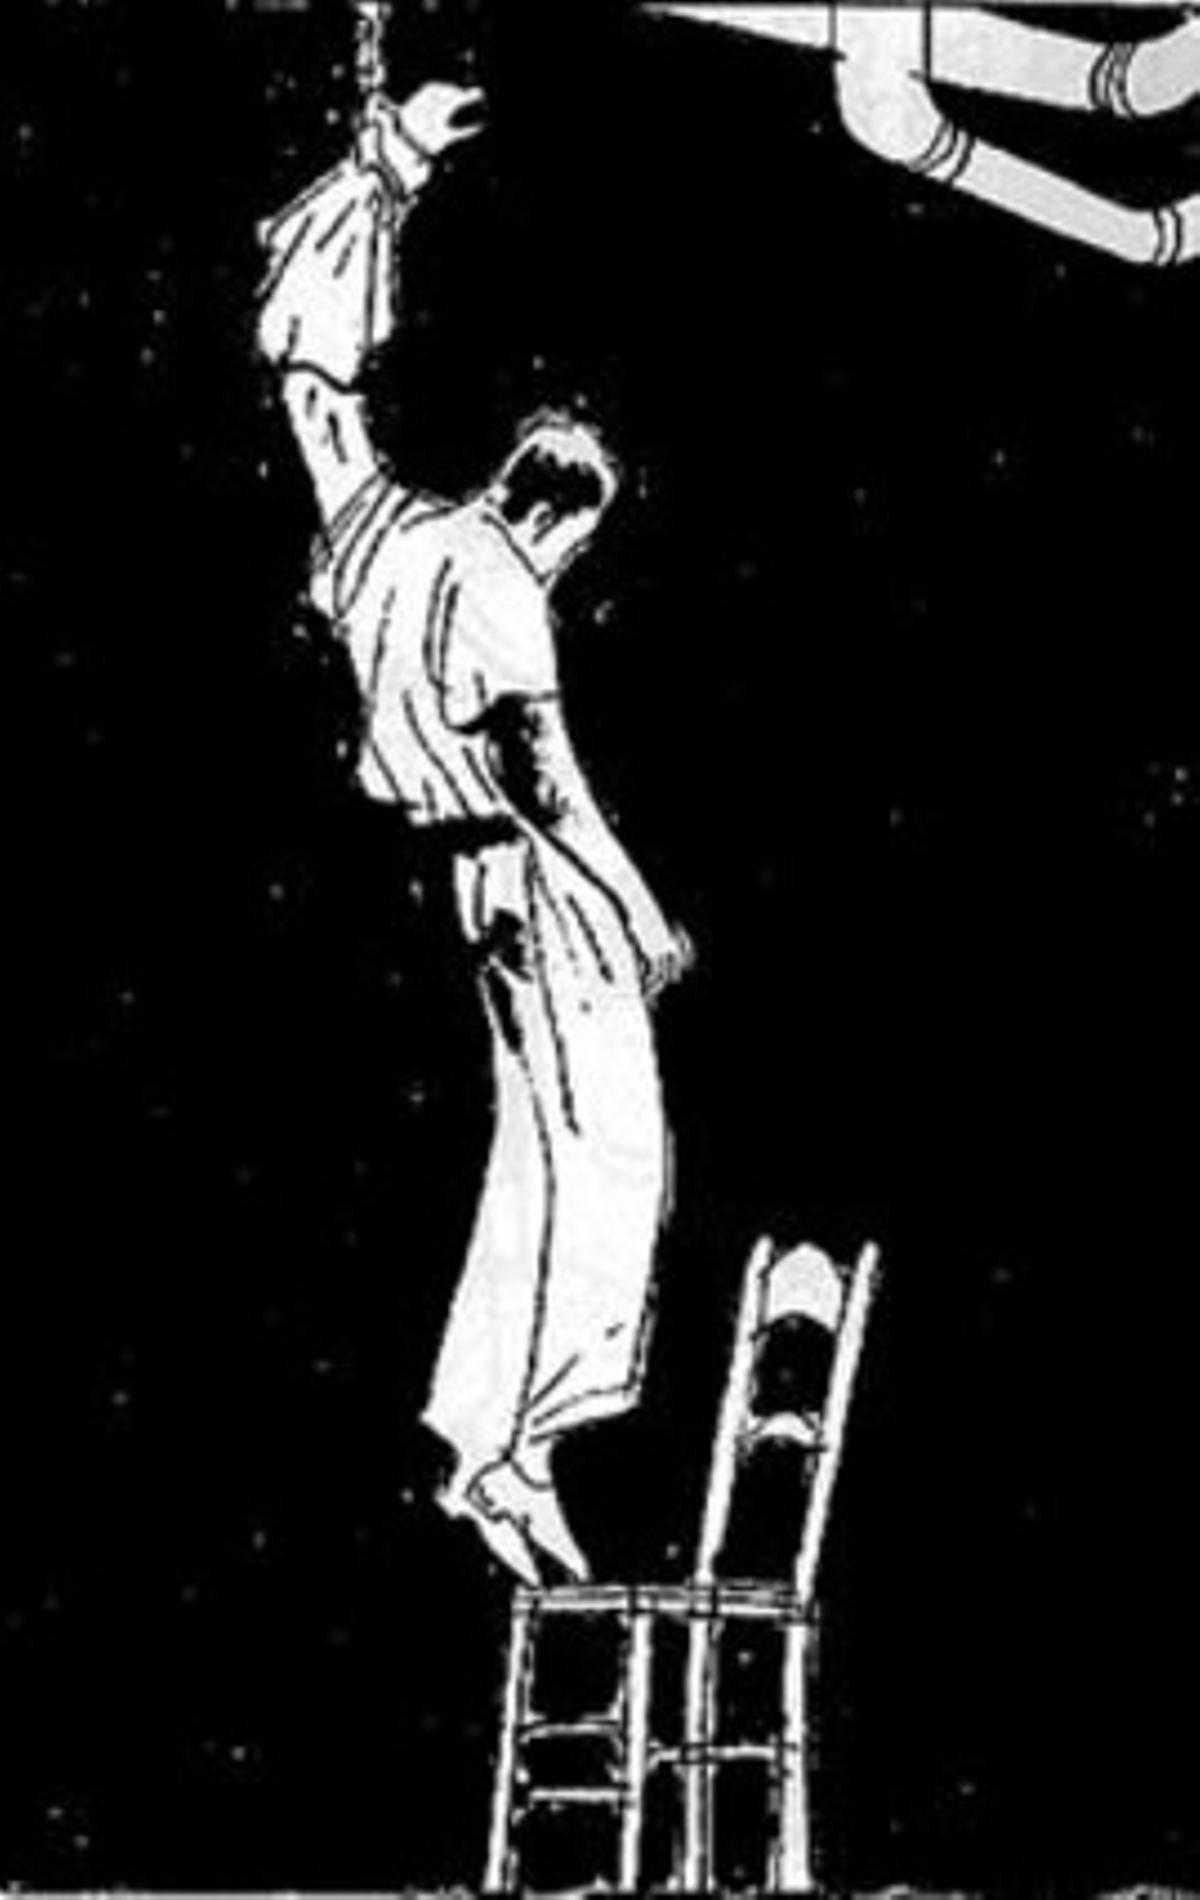 Arriba, una viñeta muestra a Miguel Núñez mientras fue torturado por la policía franquista. Al lado, portada del cómic.